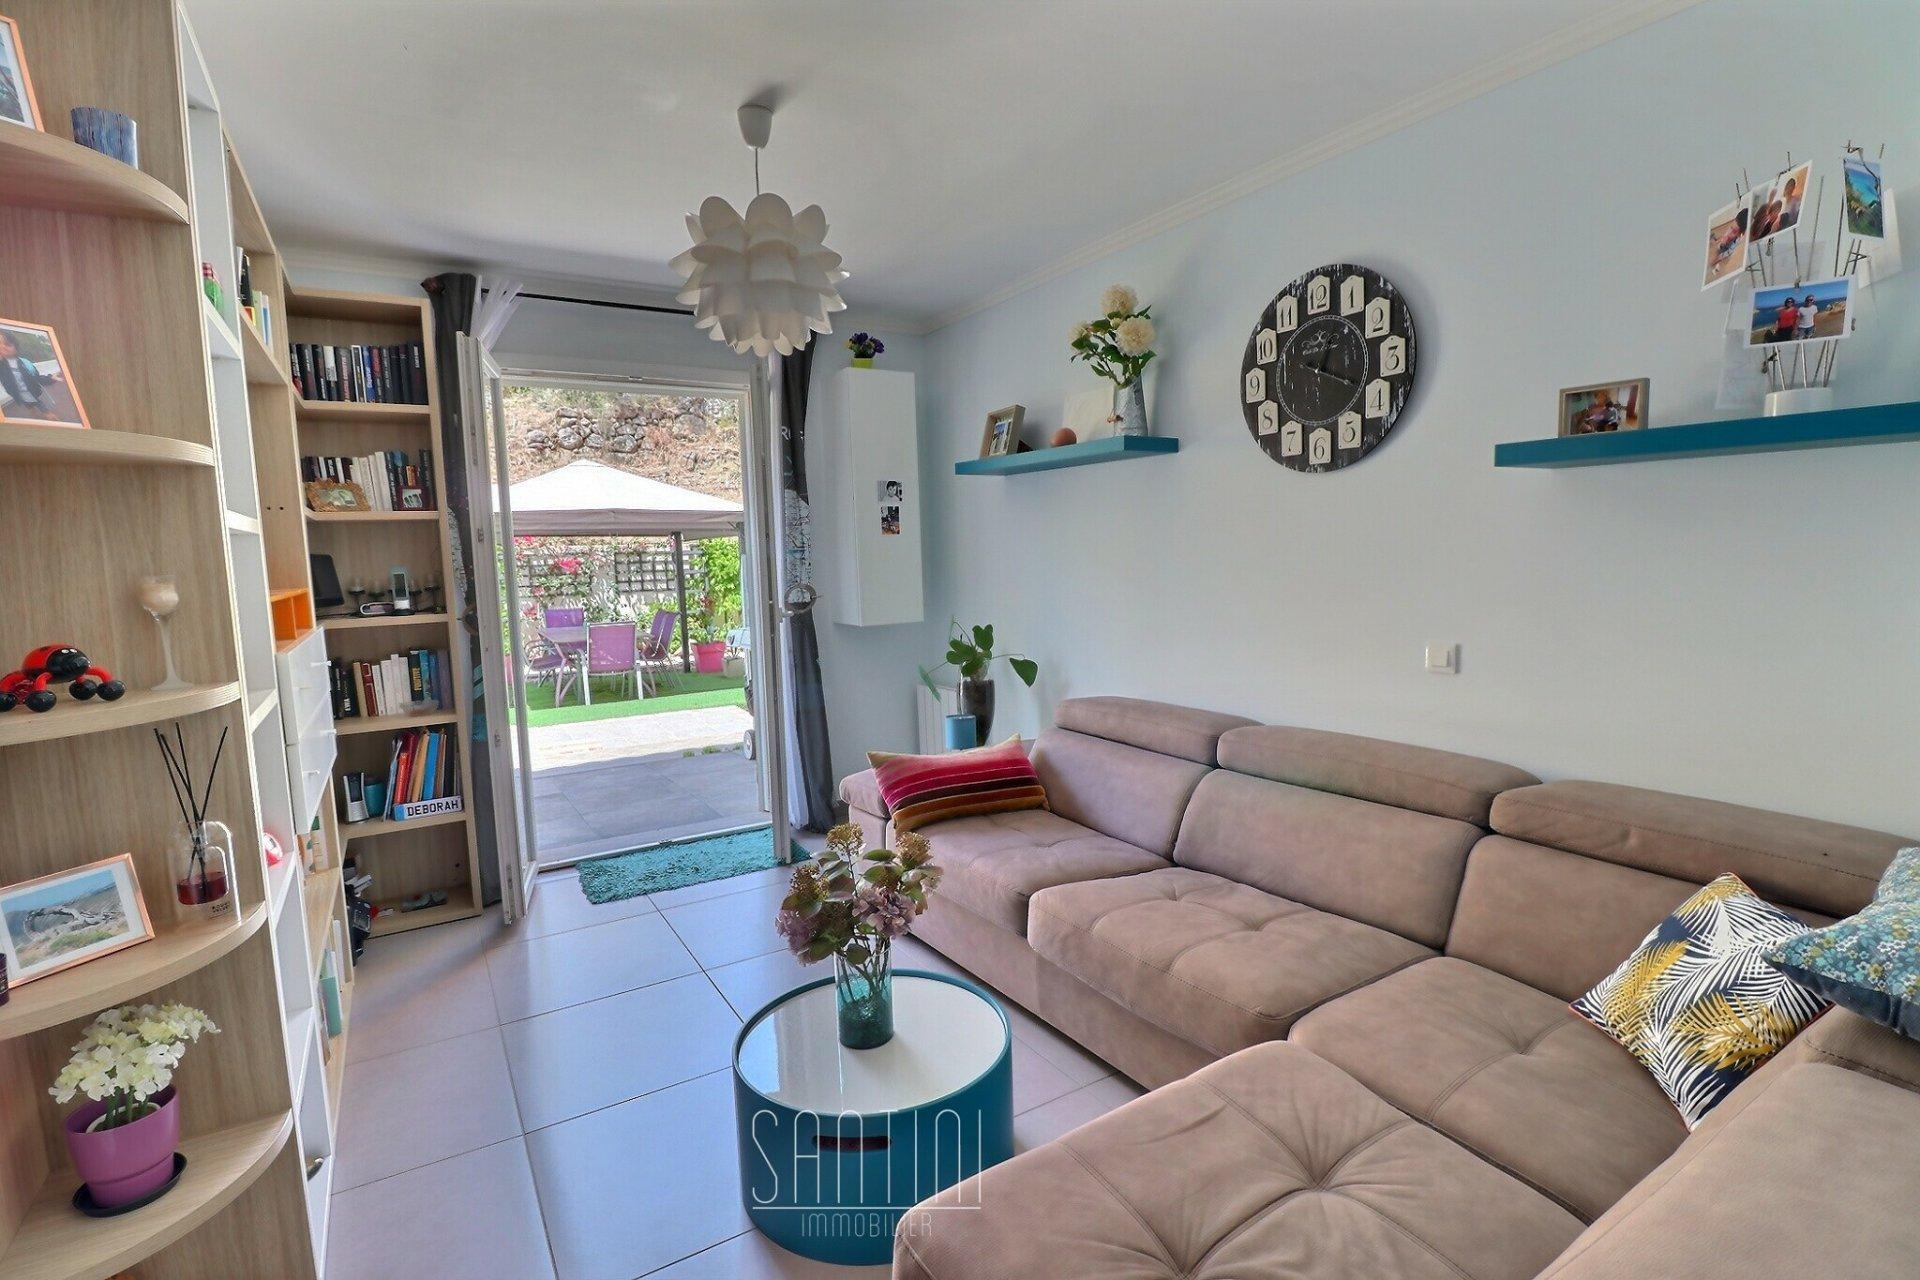 Appartement 4 pièces avec jardin - Santa Reparata Di Balagna